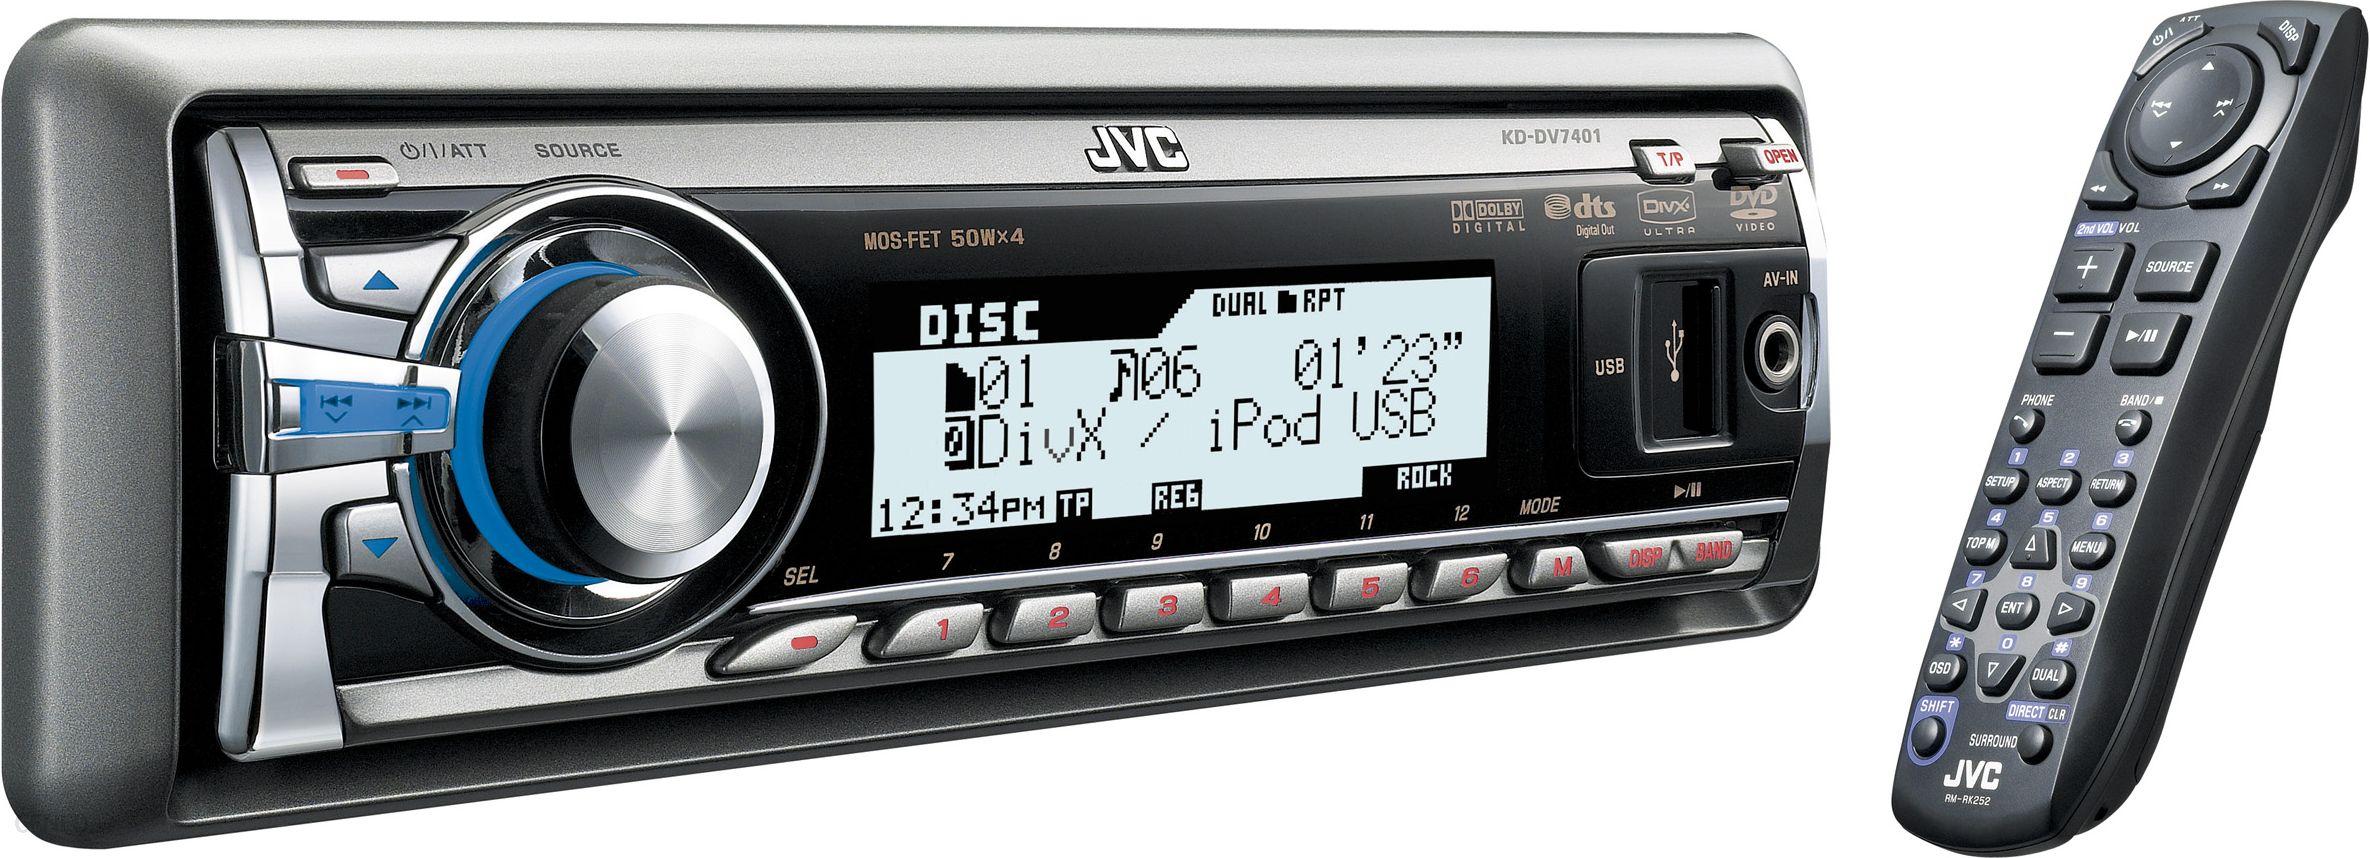 В интернет-магазине автомагнитола 1 din, dvd-проигрыватель, сенсорный дисплей 7, макс